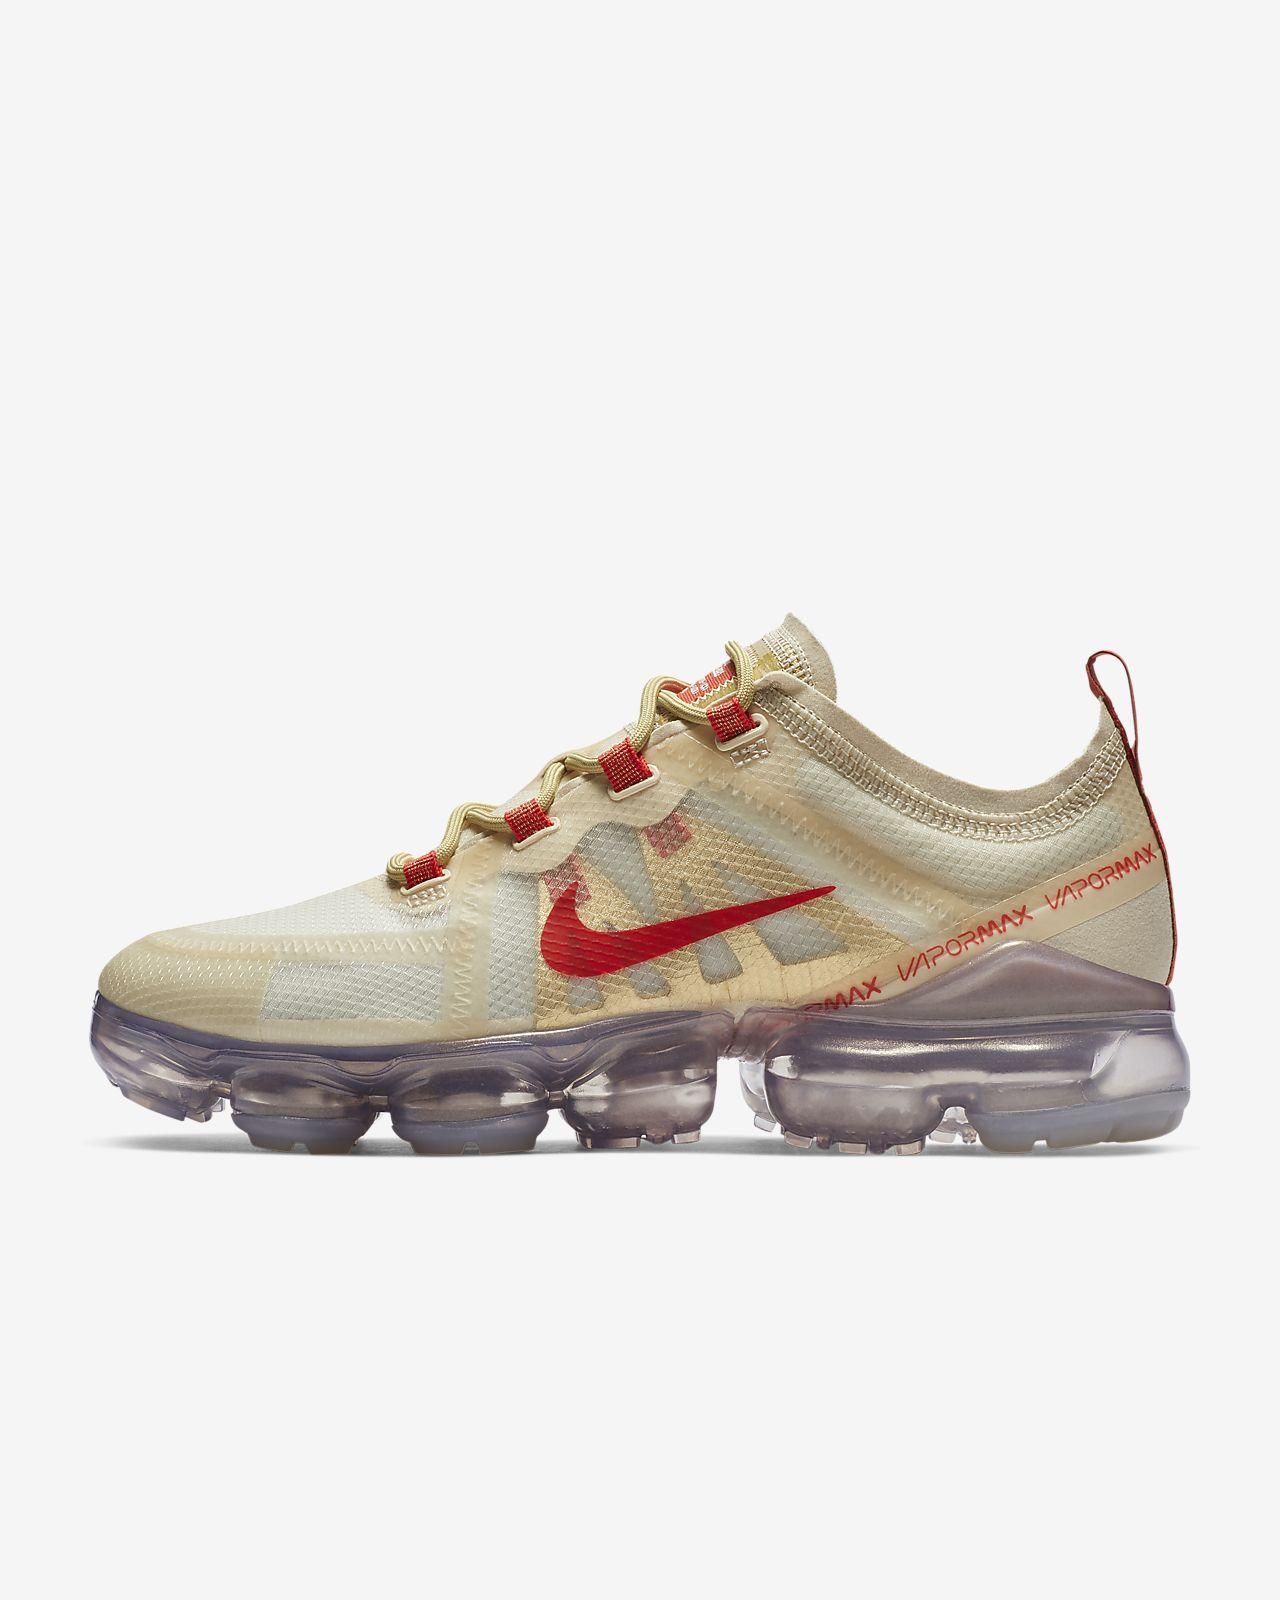 separation shoes 87916 1d226 Femme Air Fr Pour De Running Cny Vapormax 2019 Chaussure Nike zt8wxwq